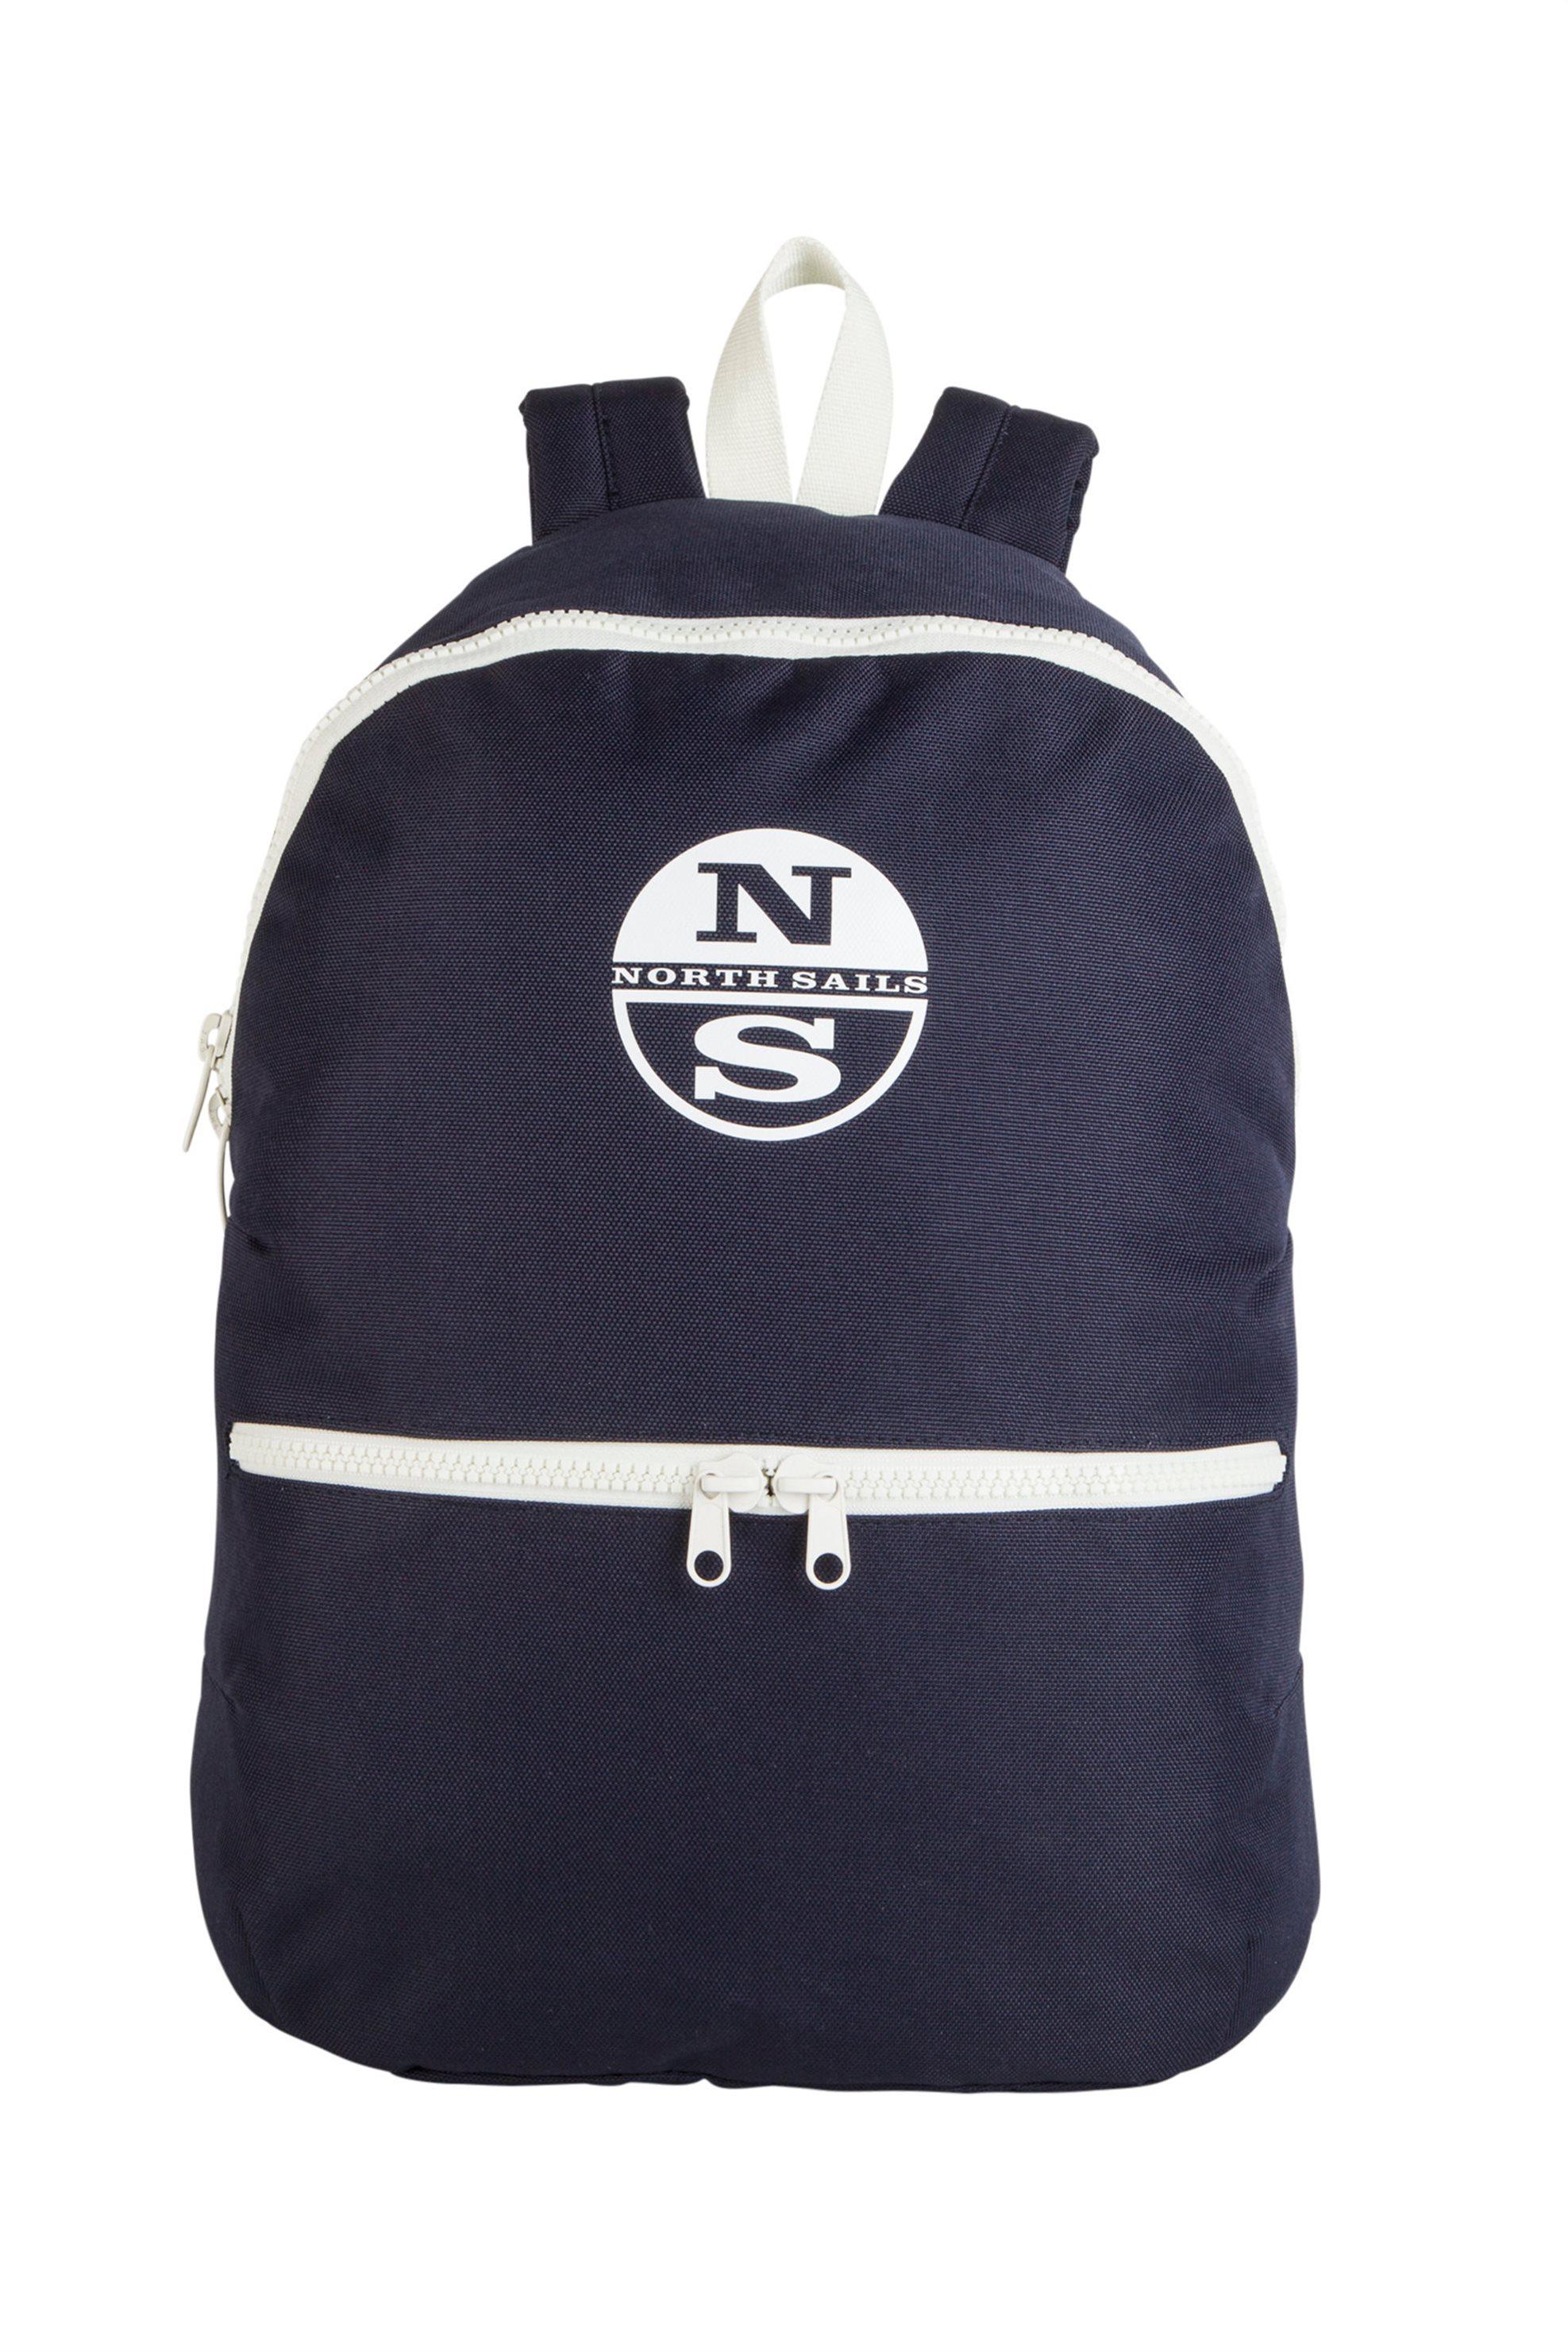 Ανδρικό σακίδιο πλάτης 22L 33 x 18 x 45 cm North Sails - 0182M - Μπλε Σκούρο ανδρασ   τσαντεσ   σακίδια   backpacks